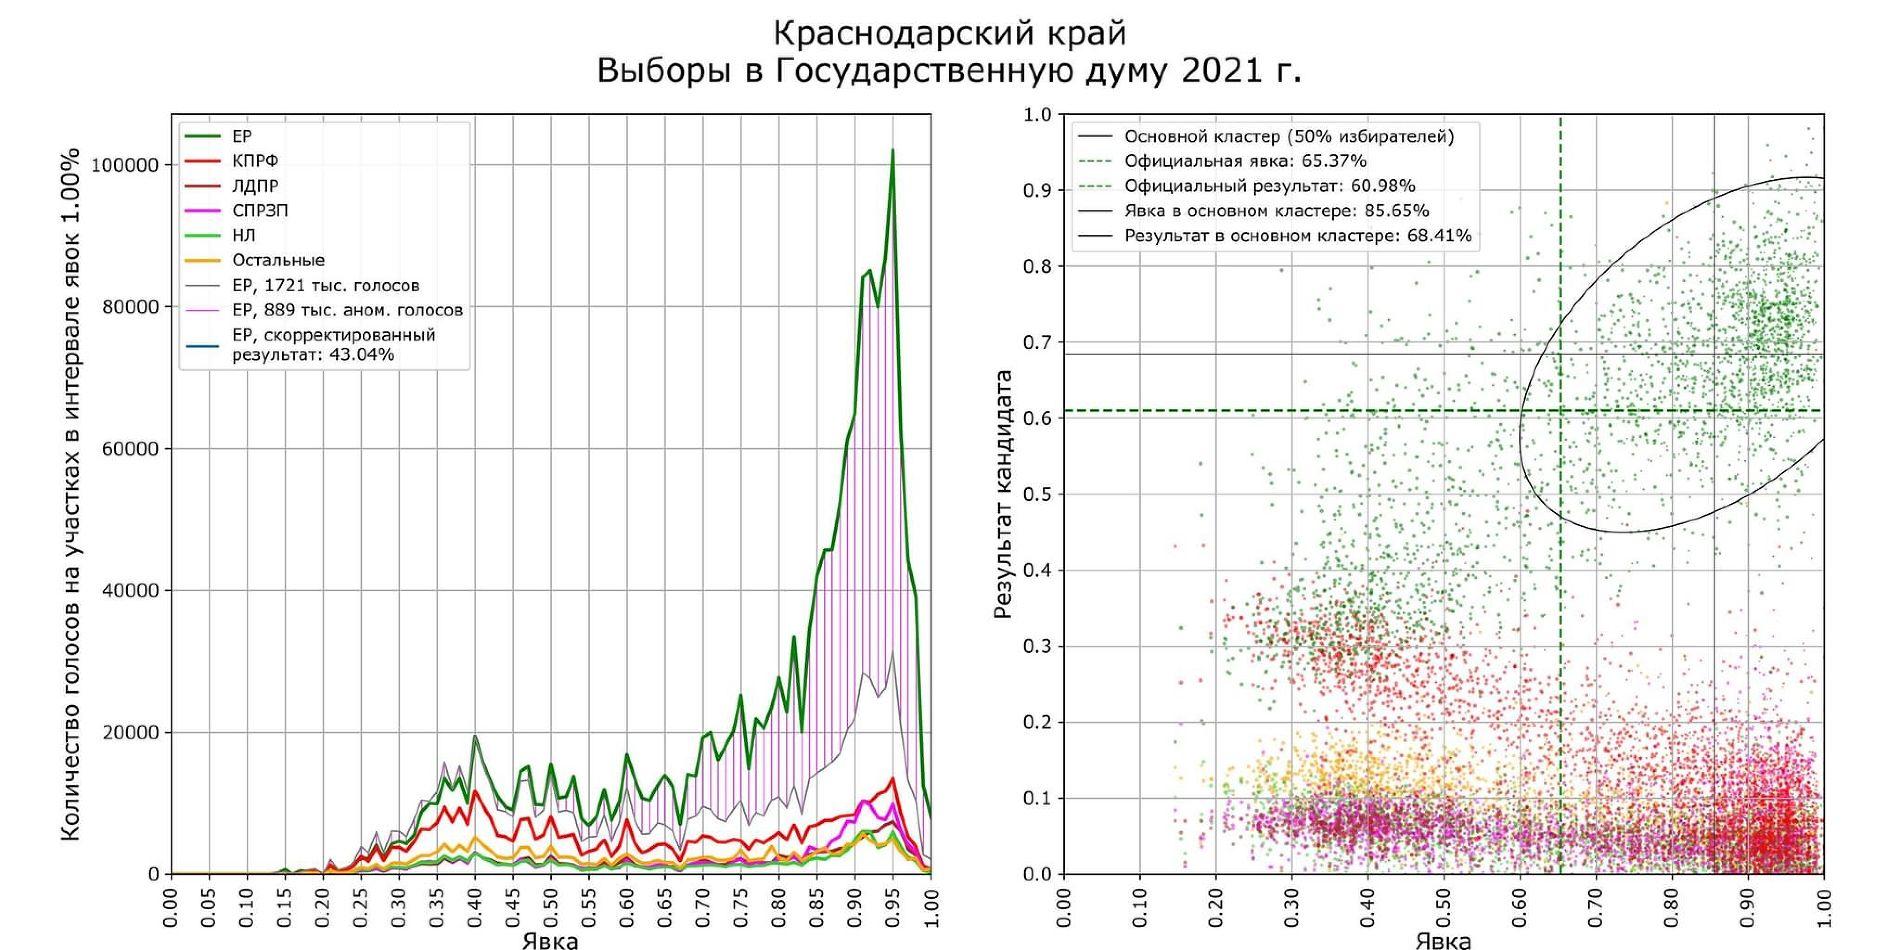 ©Изображение со страницы Сергея Шпилькина в фейсбуке, facebook.com/sergey.shpilkin